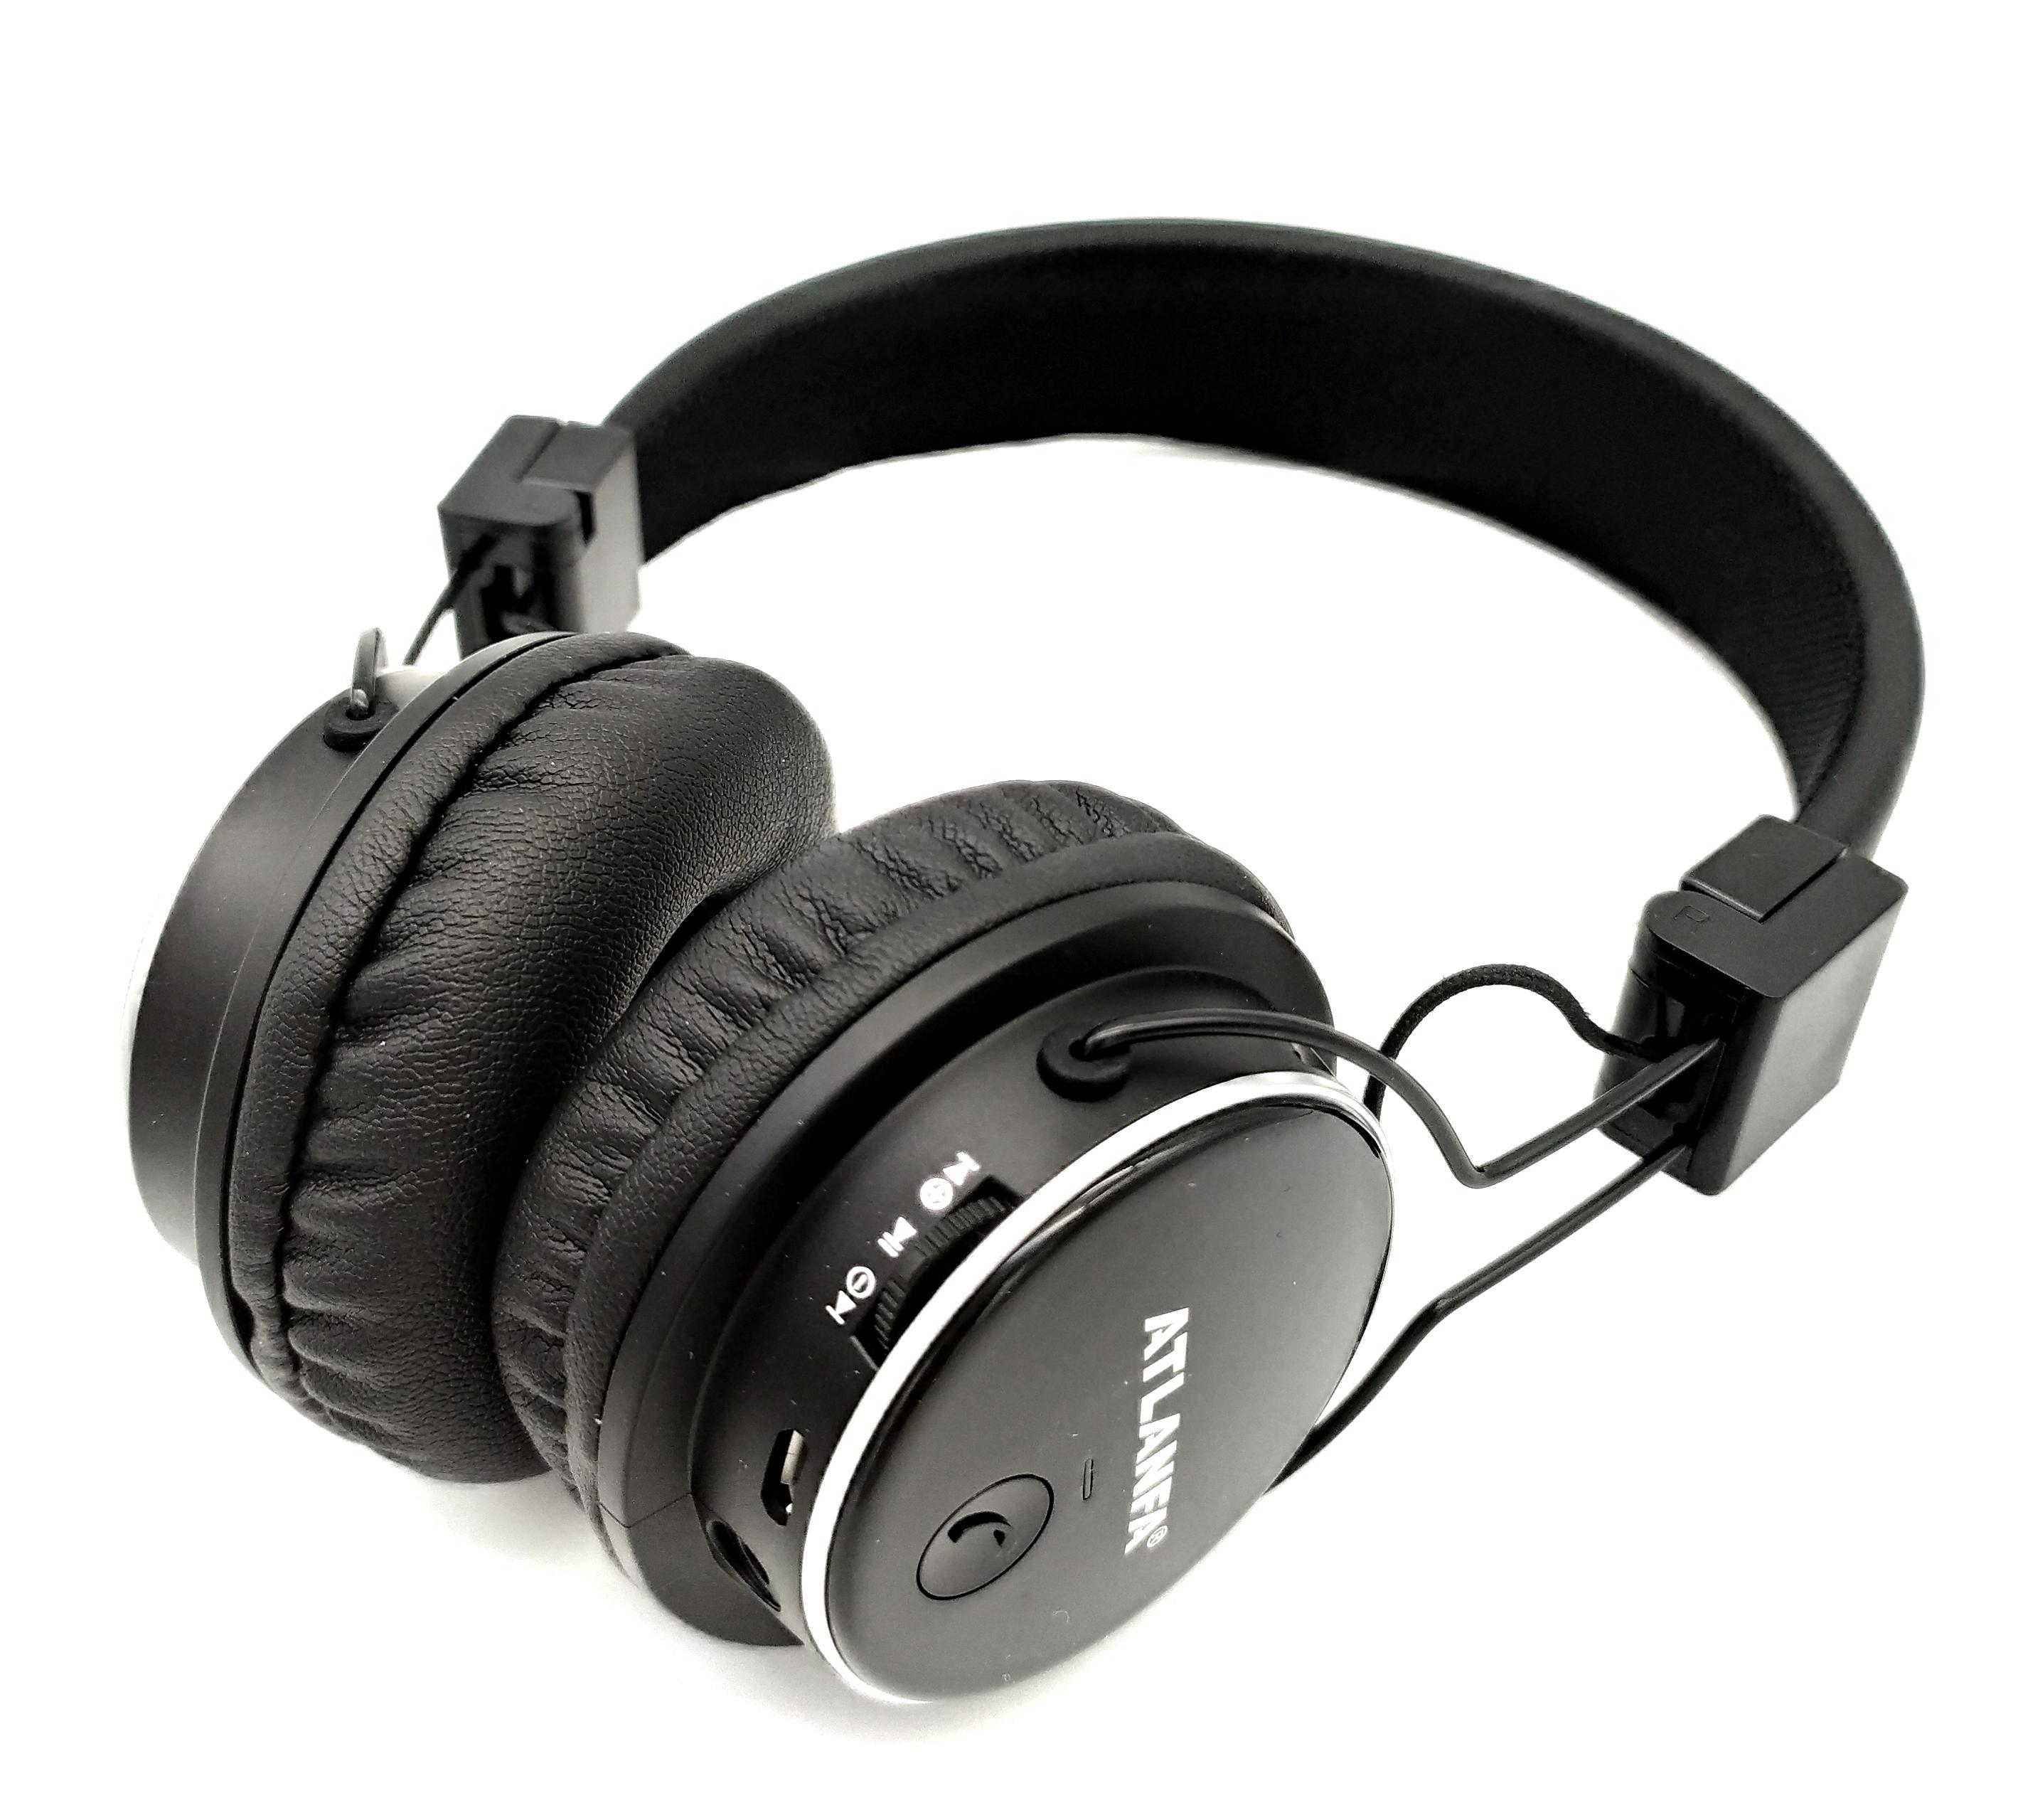 Бездротові Bluetooth-навушники Atlanfa AT-7611 Black c MP3 плеєр, FM-приймачем і мікрофоном